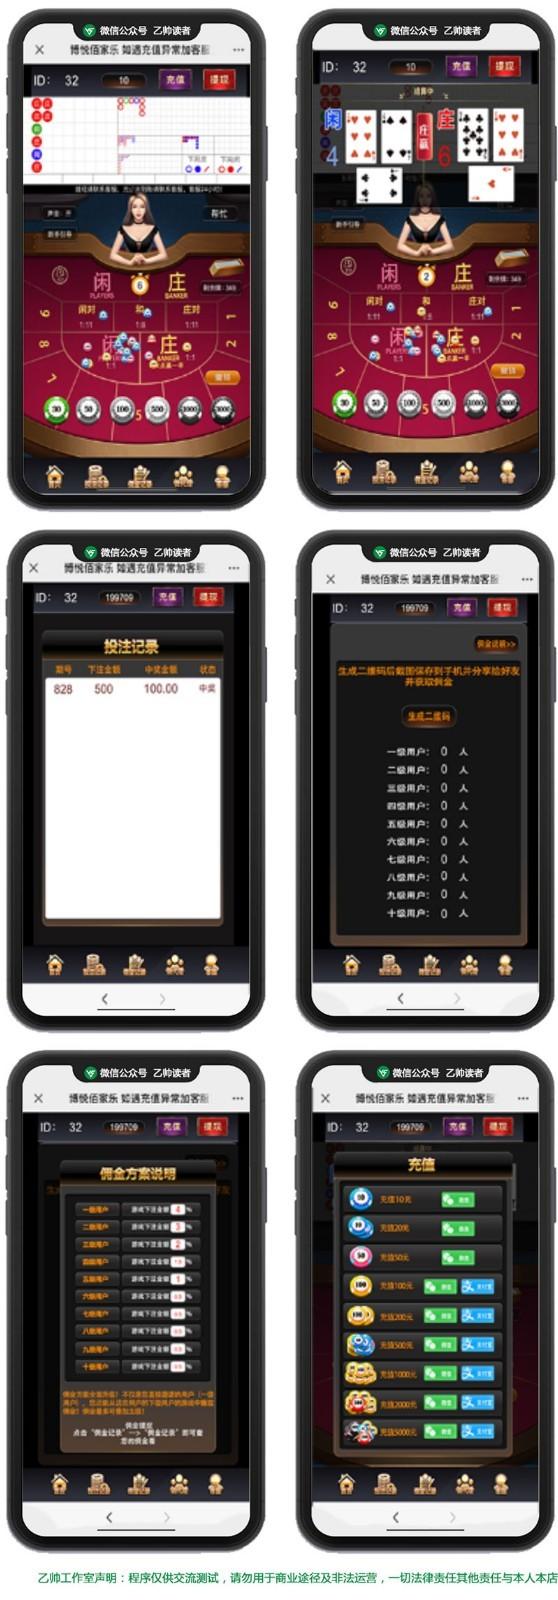 H5红色百家乐棋牌完整源码/带视频搭建教程/后台功能控制完善/代理十级分销-第2张